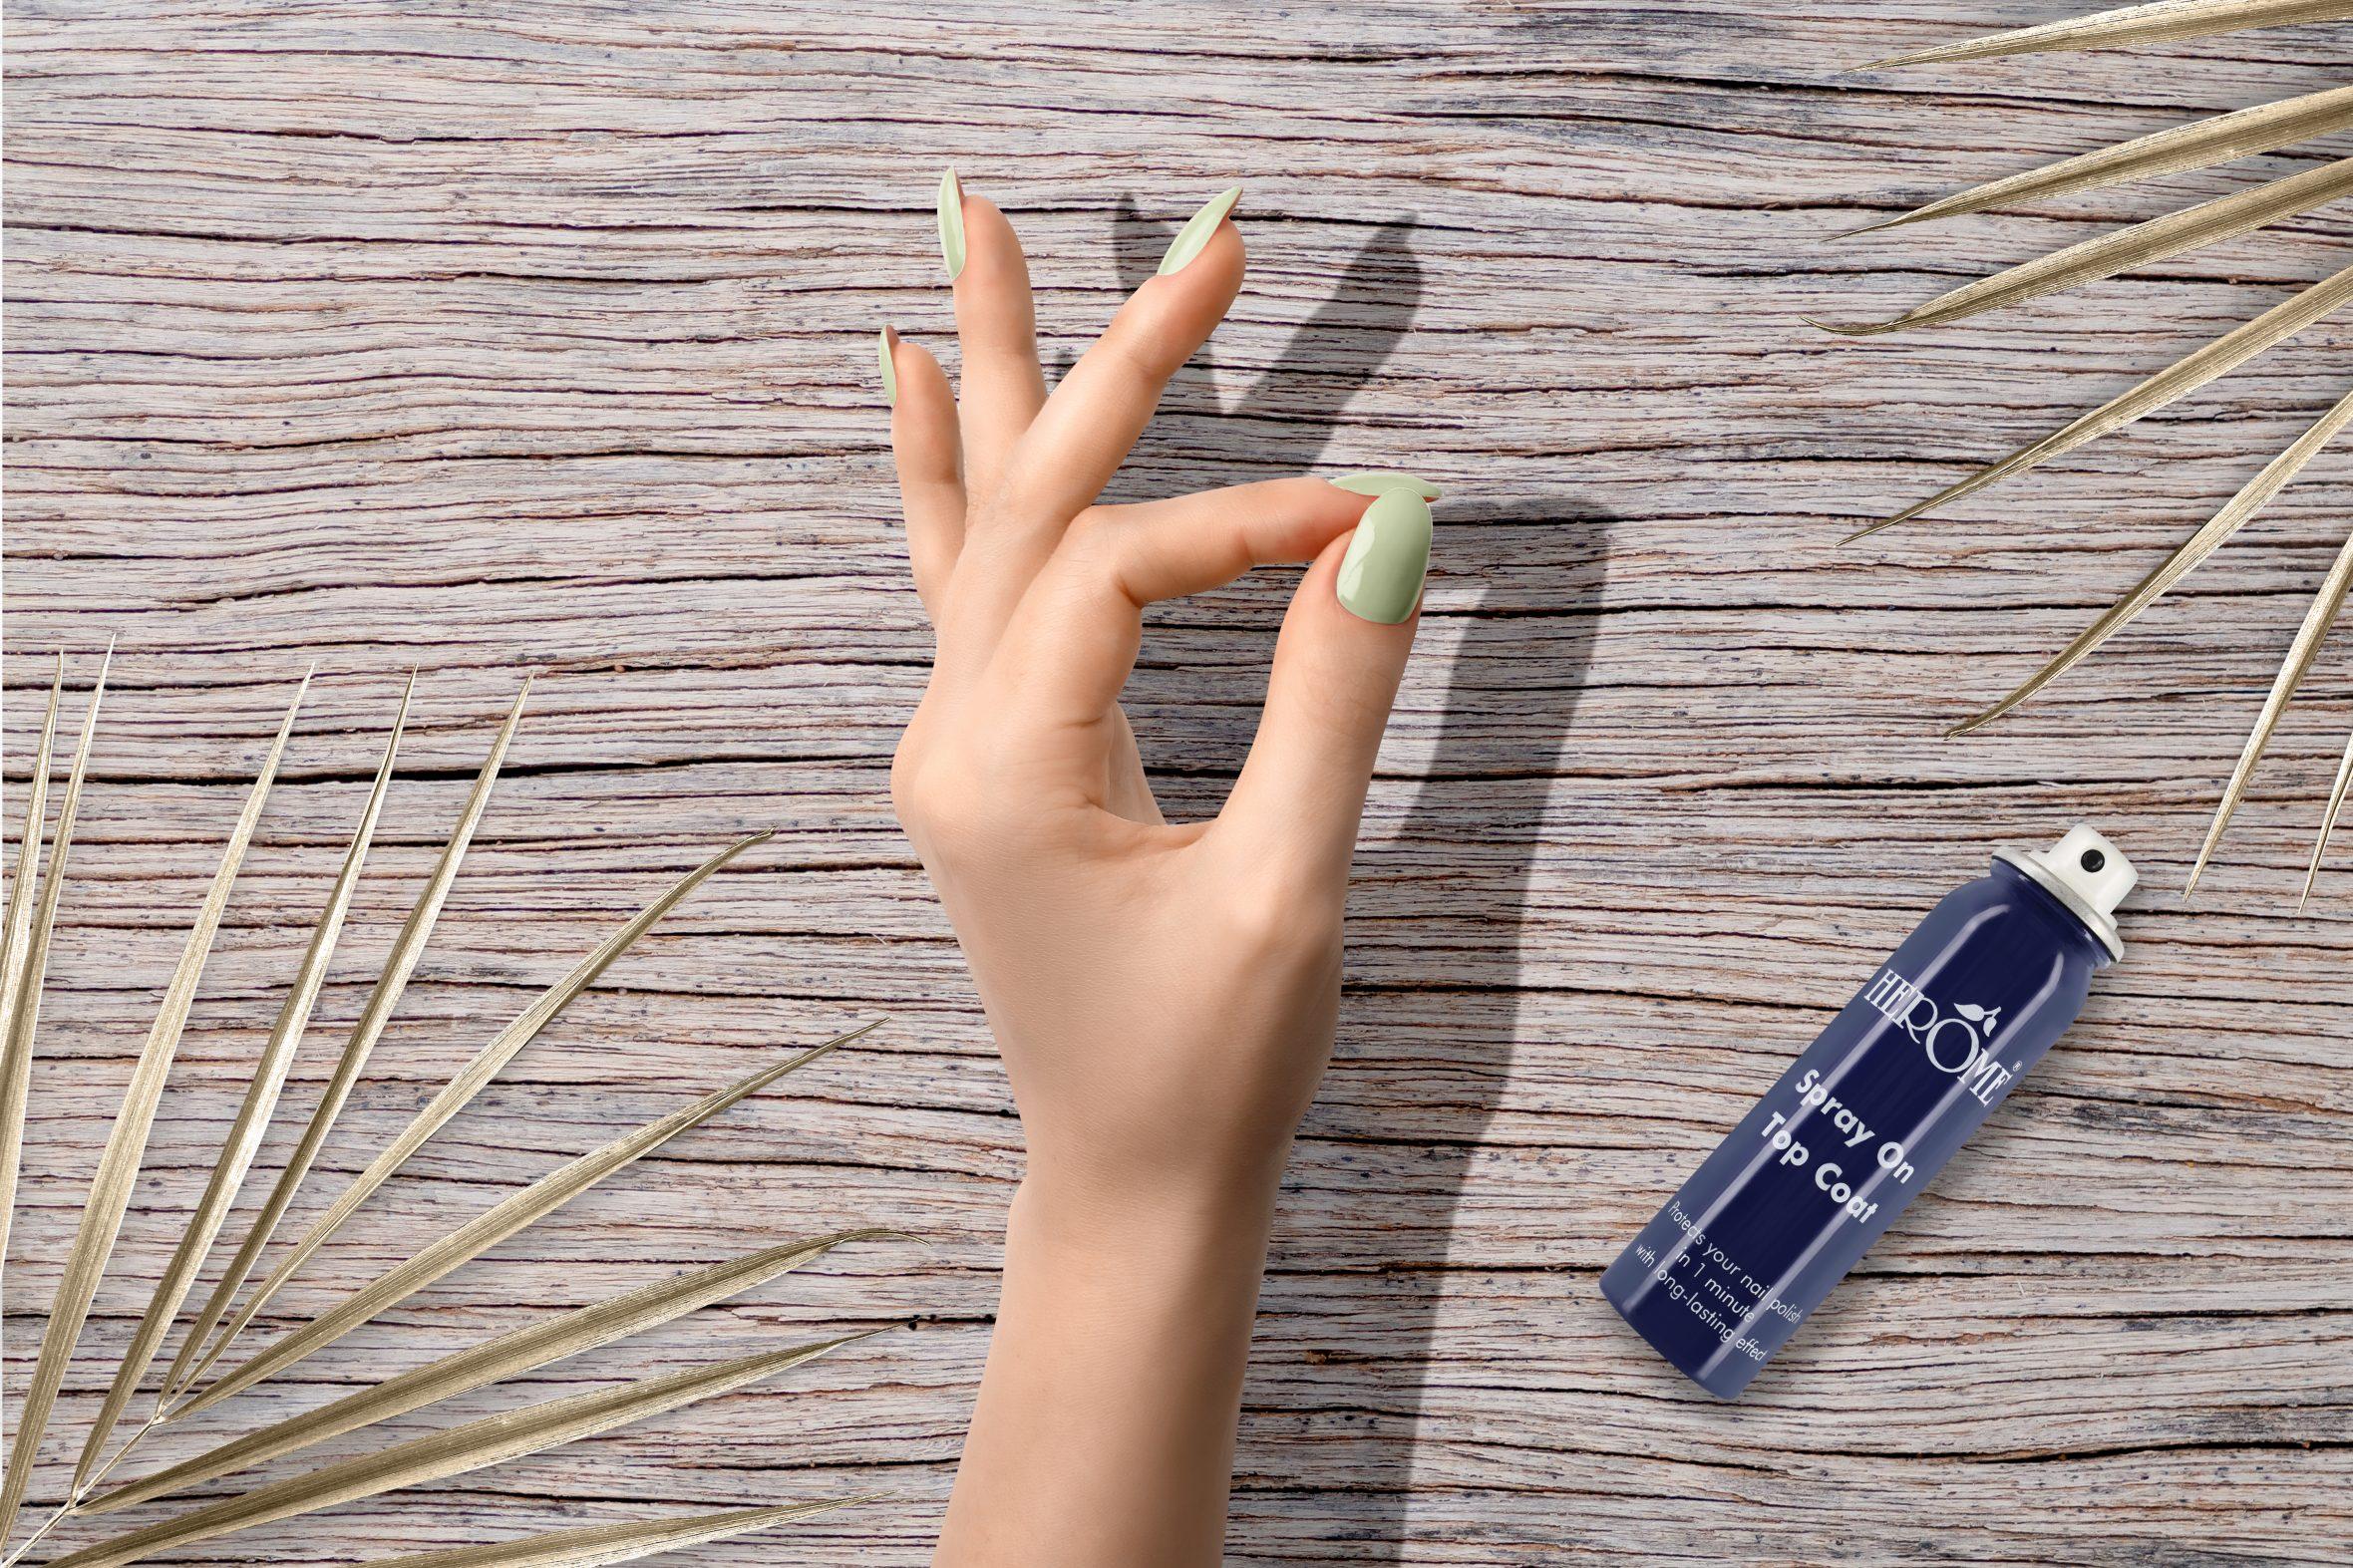 Herôme lichtgroene nagellak van Herôme